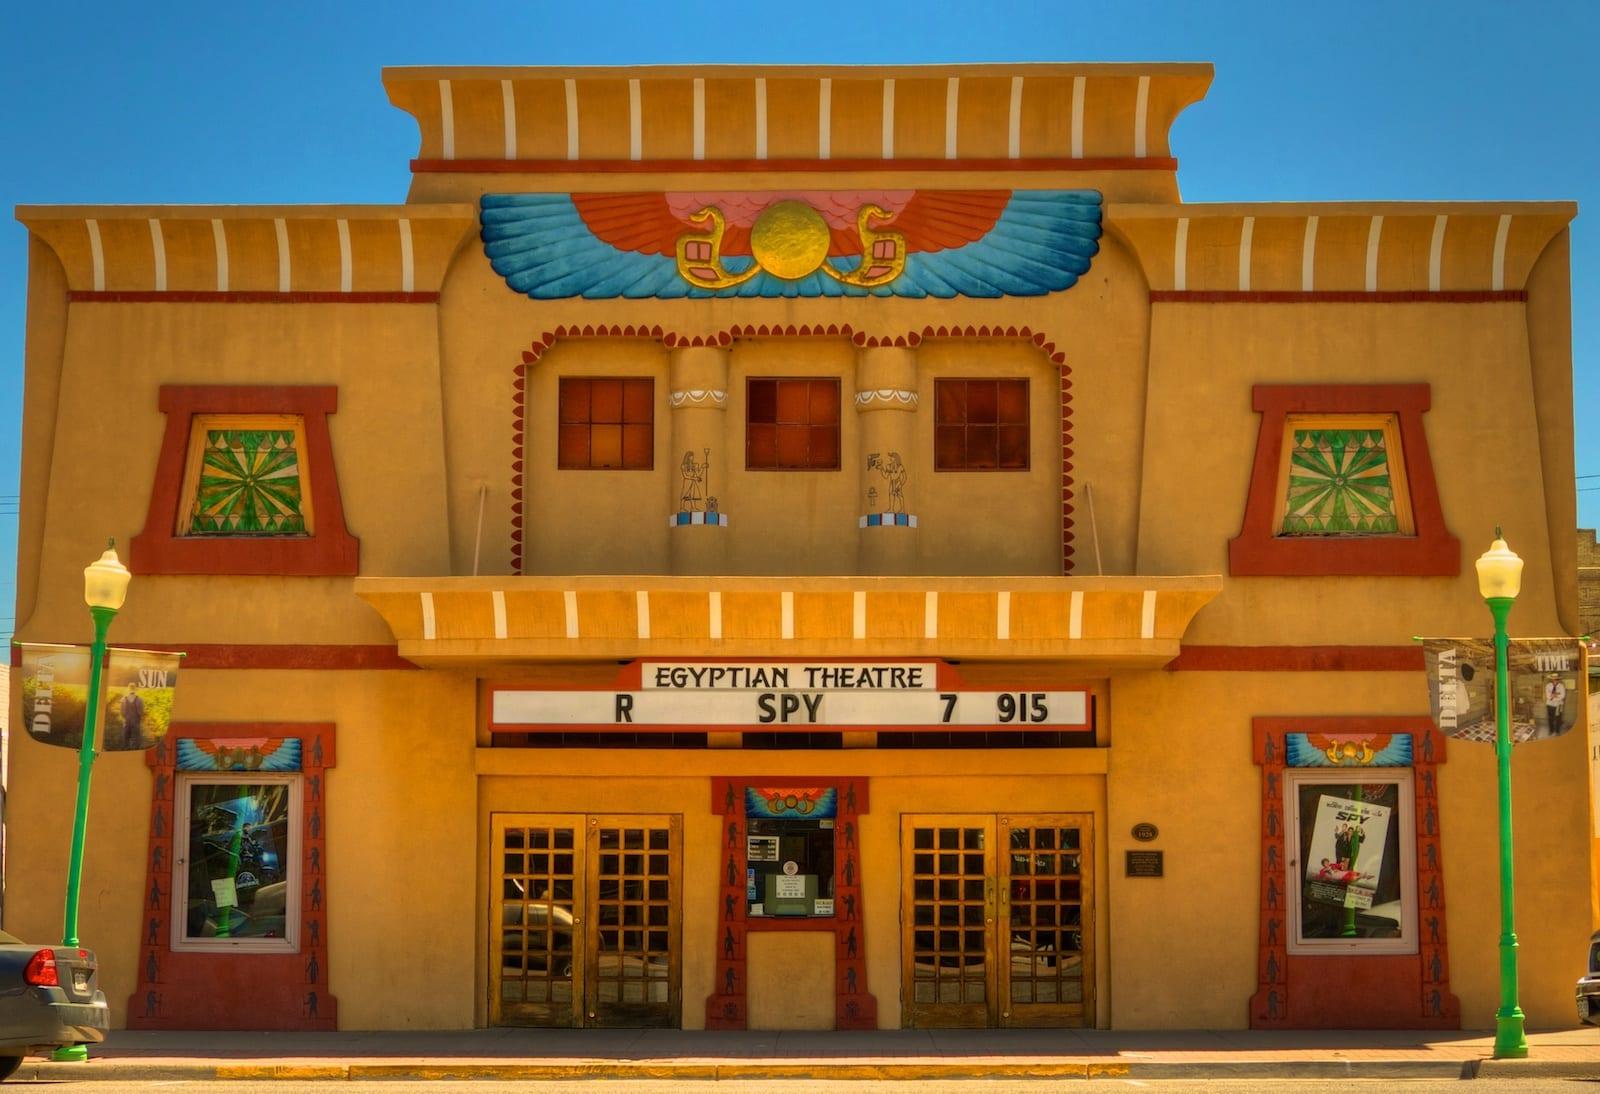 Egyptian Theatre in Delta, Colorado,